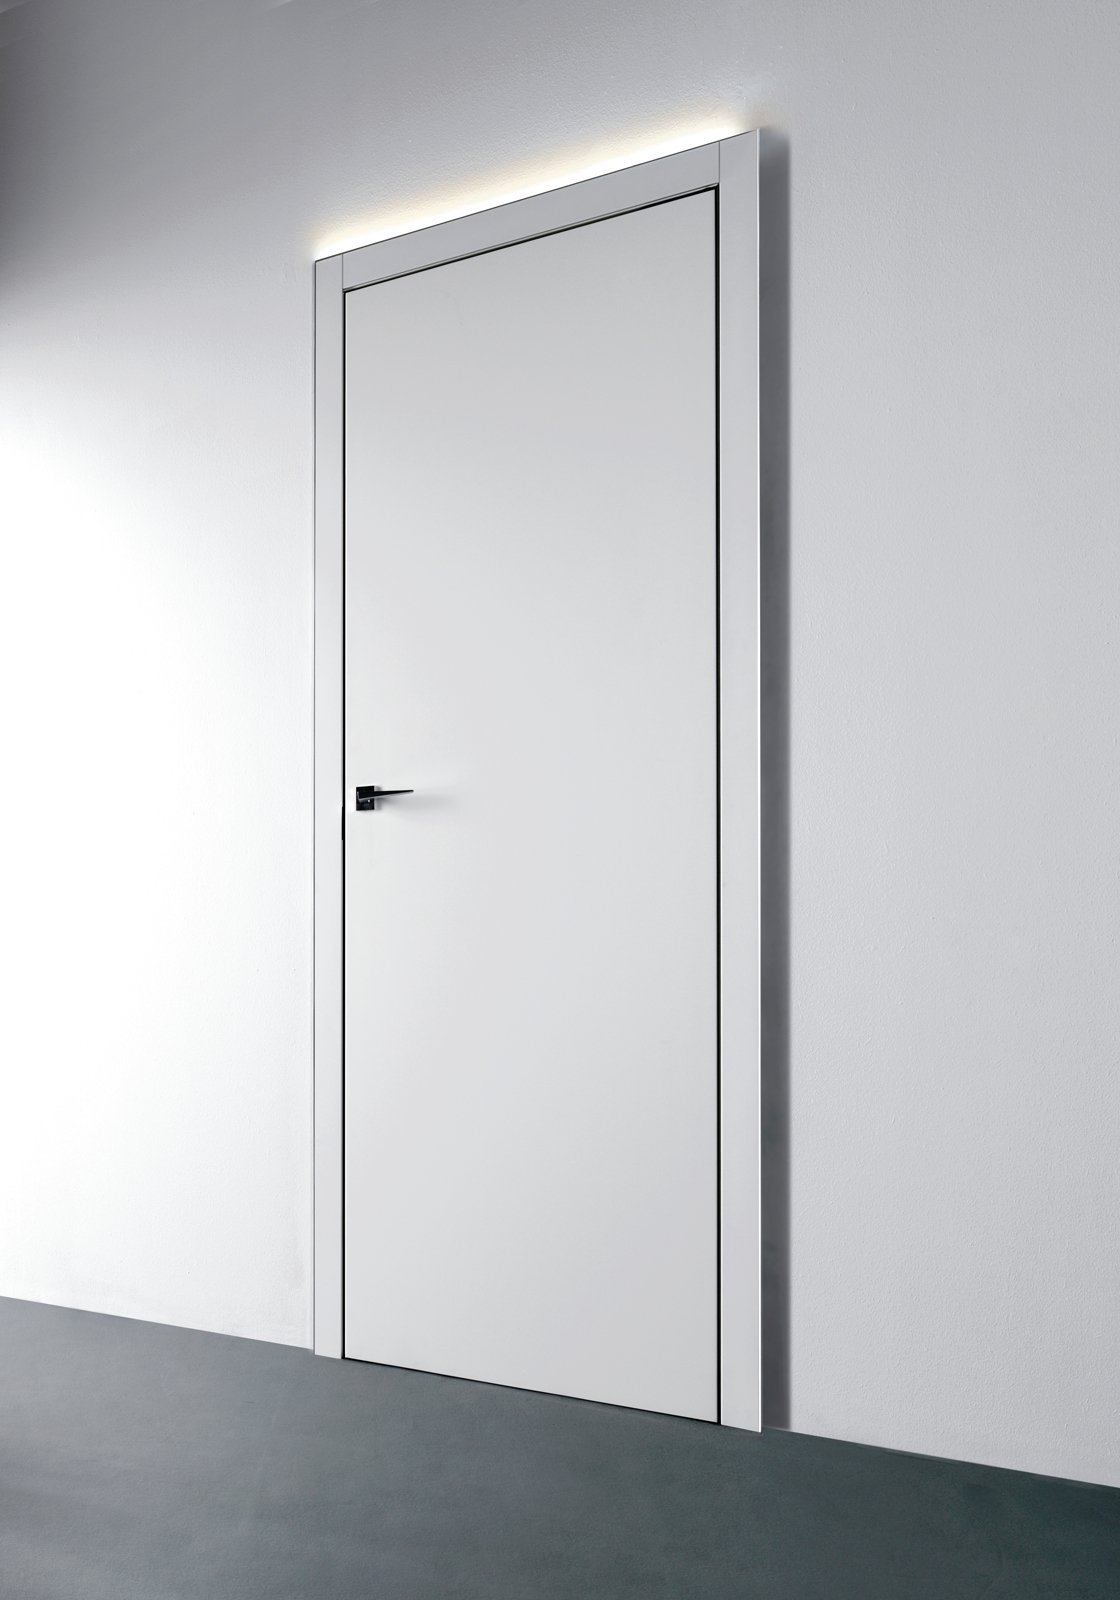 Porte e arredo i consigli su come abbinare stili e for Stili di porta d ingresso per case di ranch